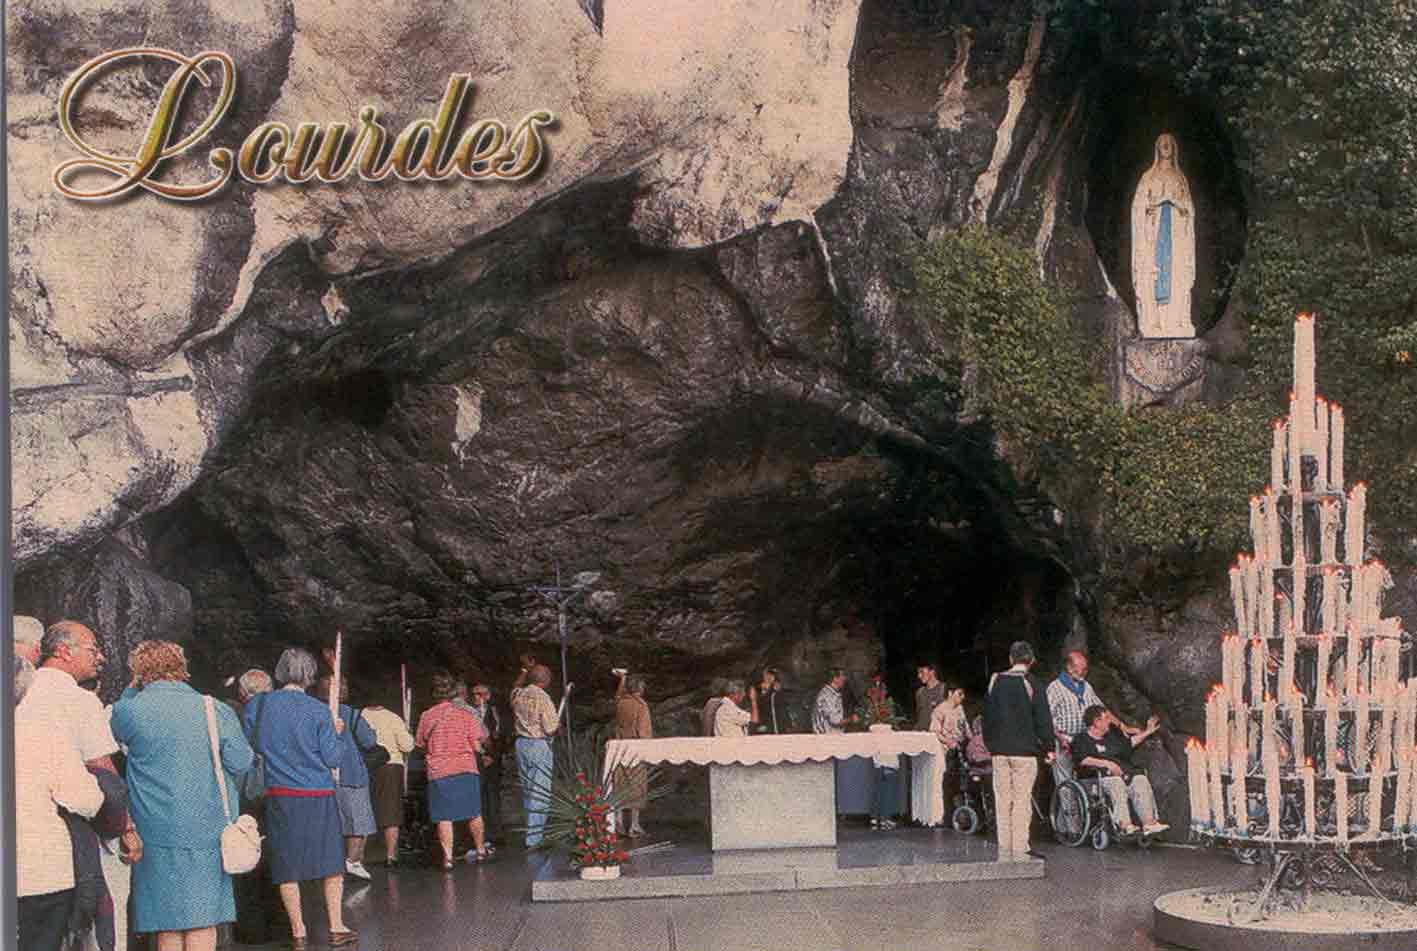 Reis Lourdes